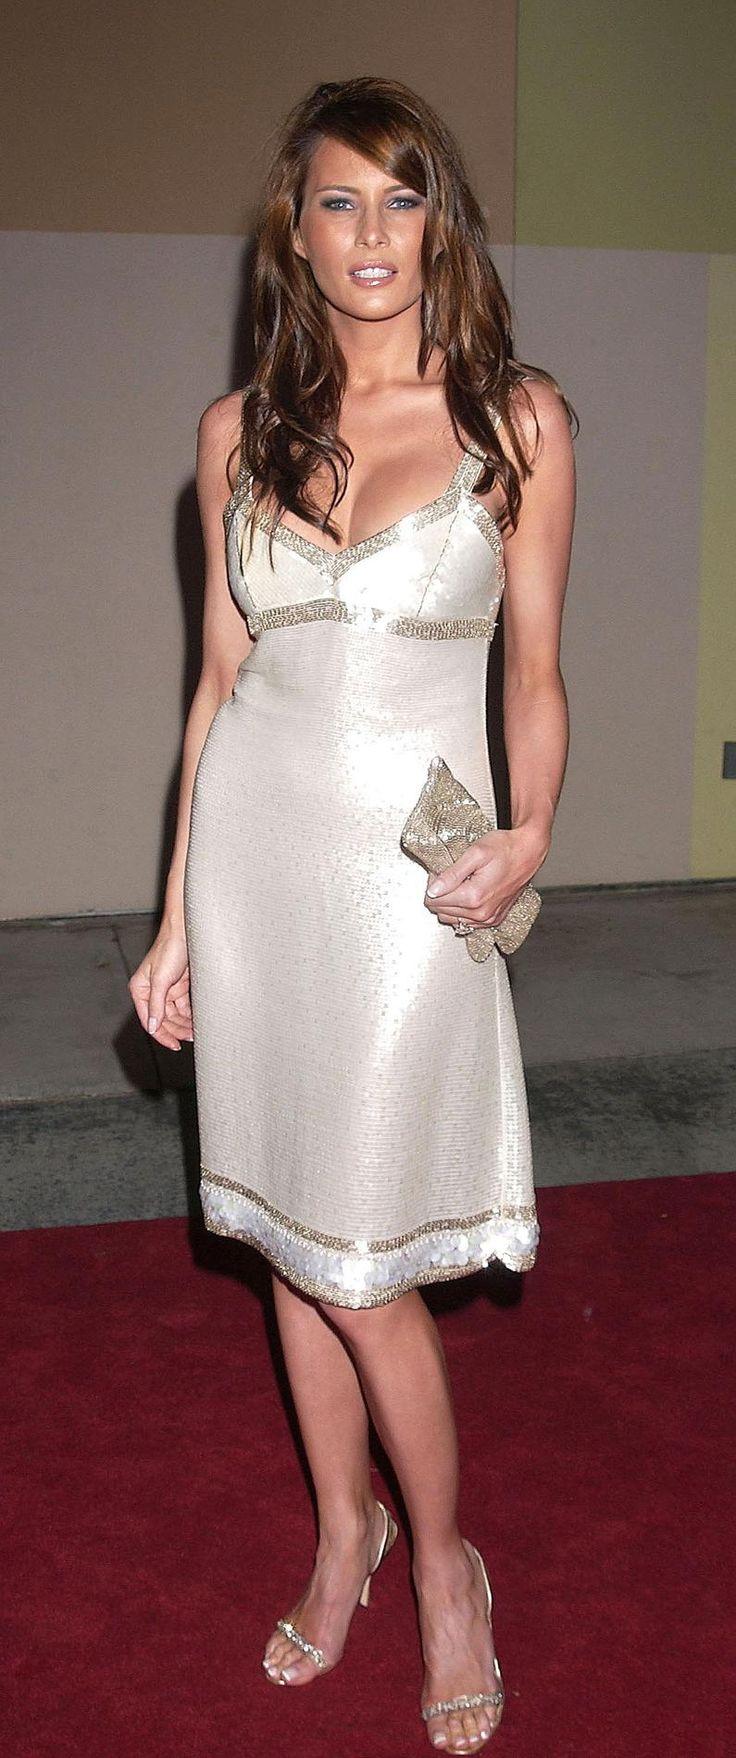 Melania Trump en robe nuisette En robe nuisette éclatante. (Hollwyood, le 11 juillet 2004.)